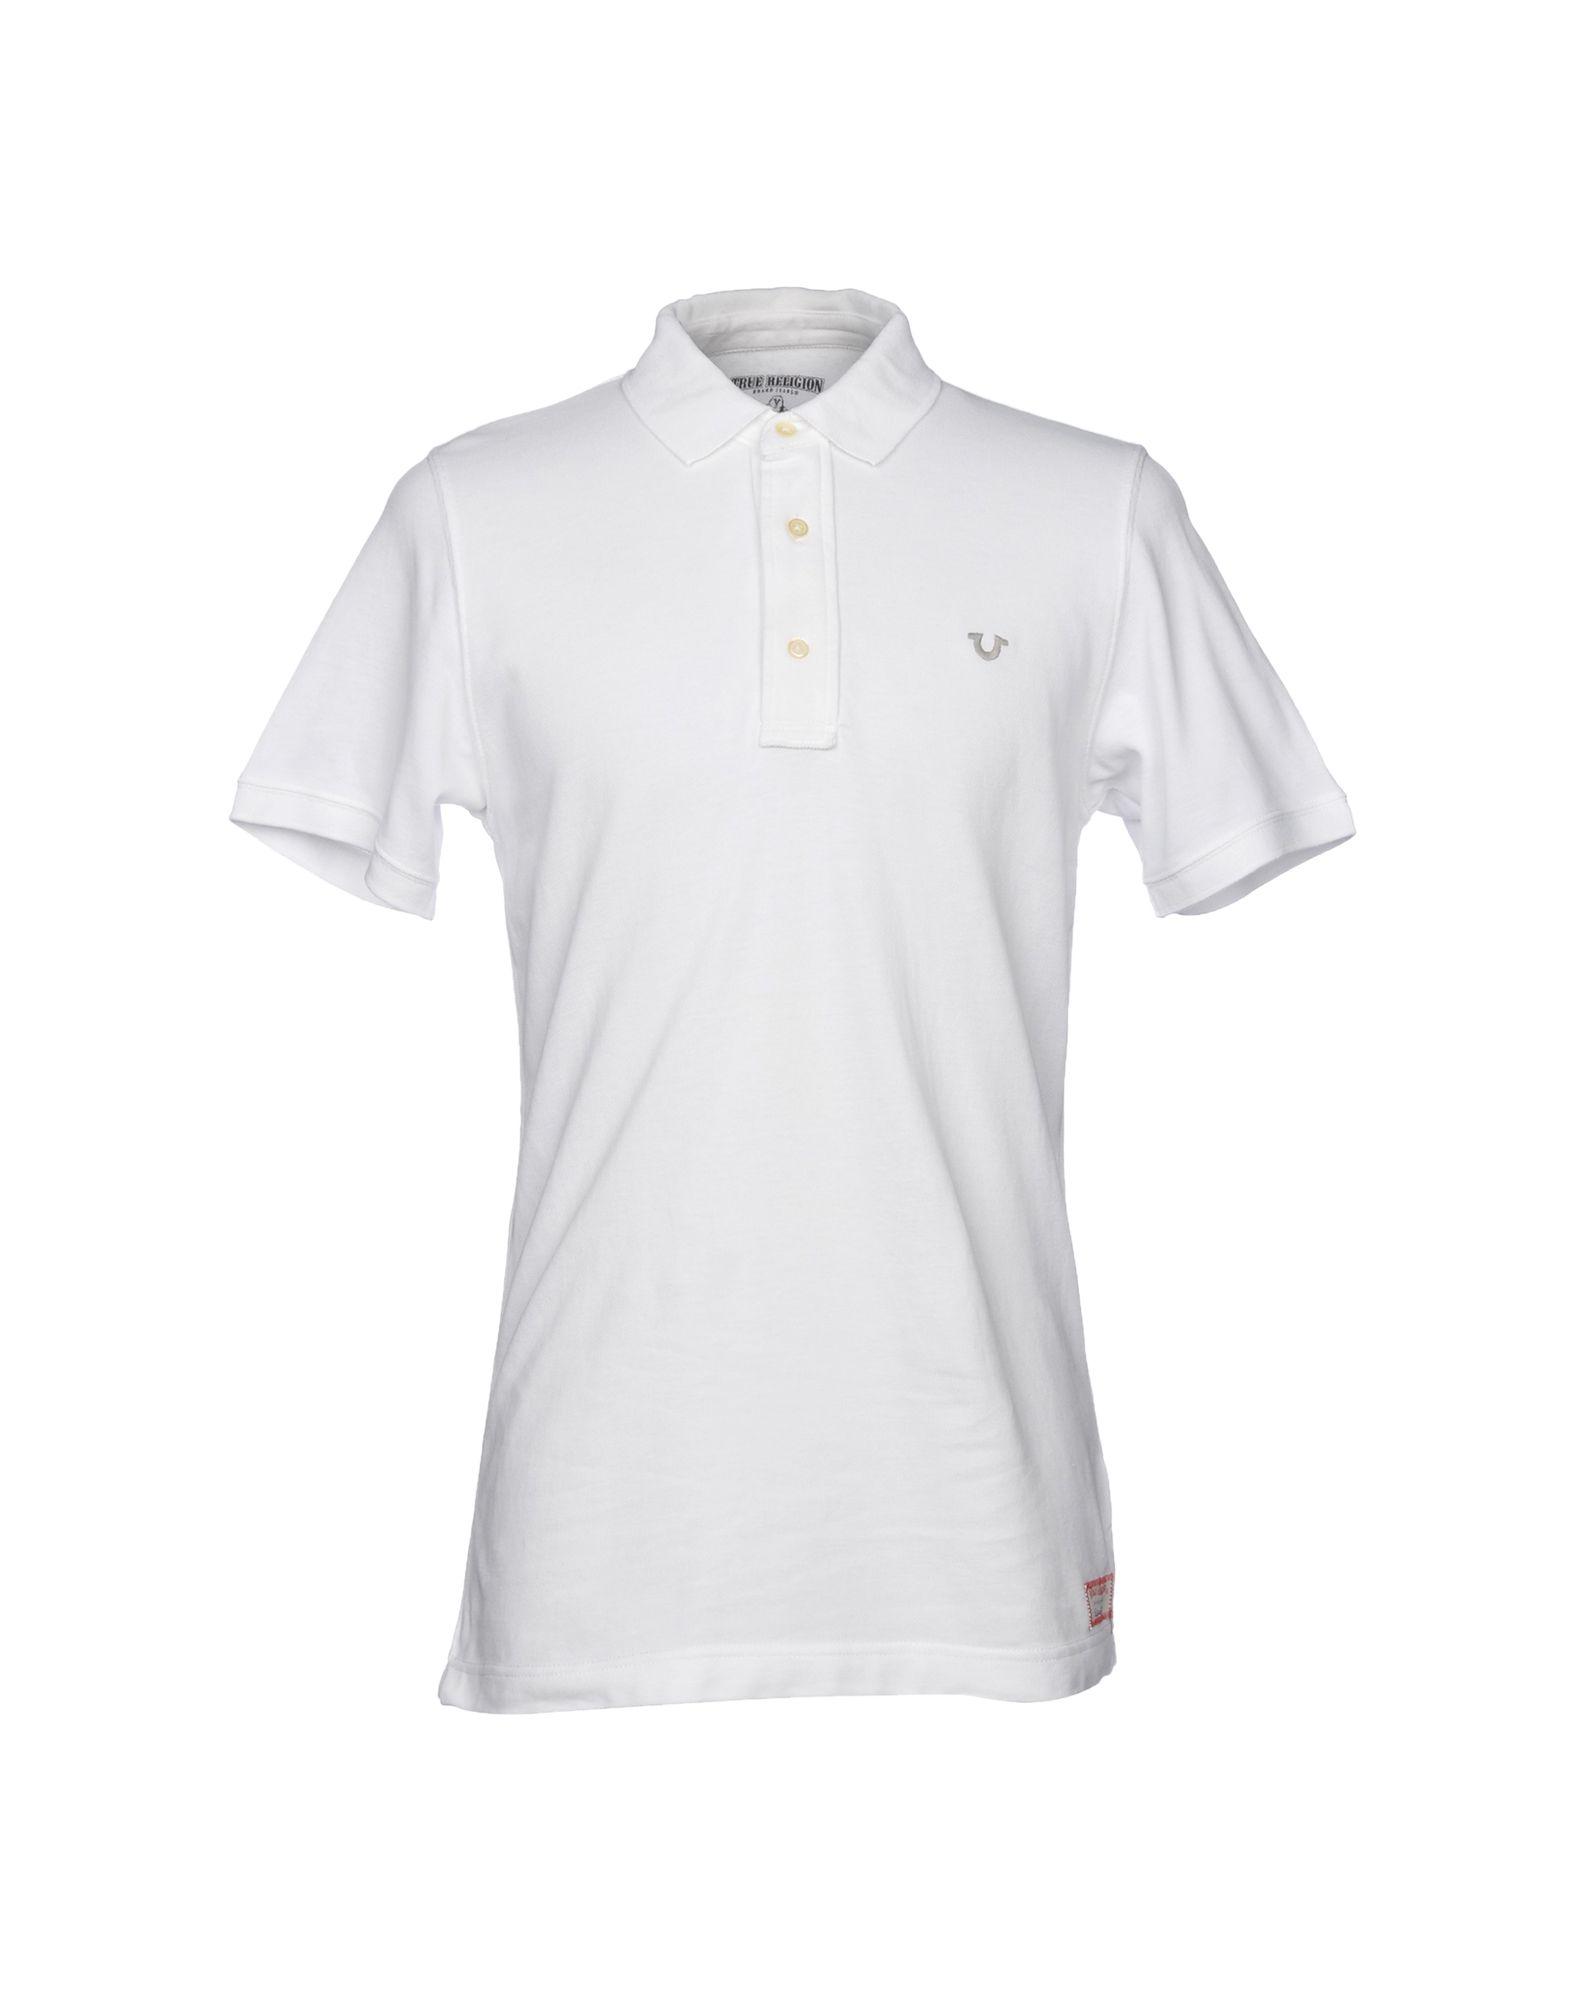 《送料無料》TRUE RELIGION メンズ ポロシャツ ホワイト XXL コットン 100%